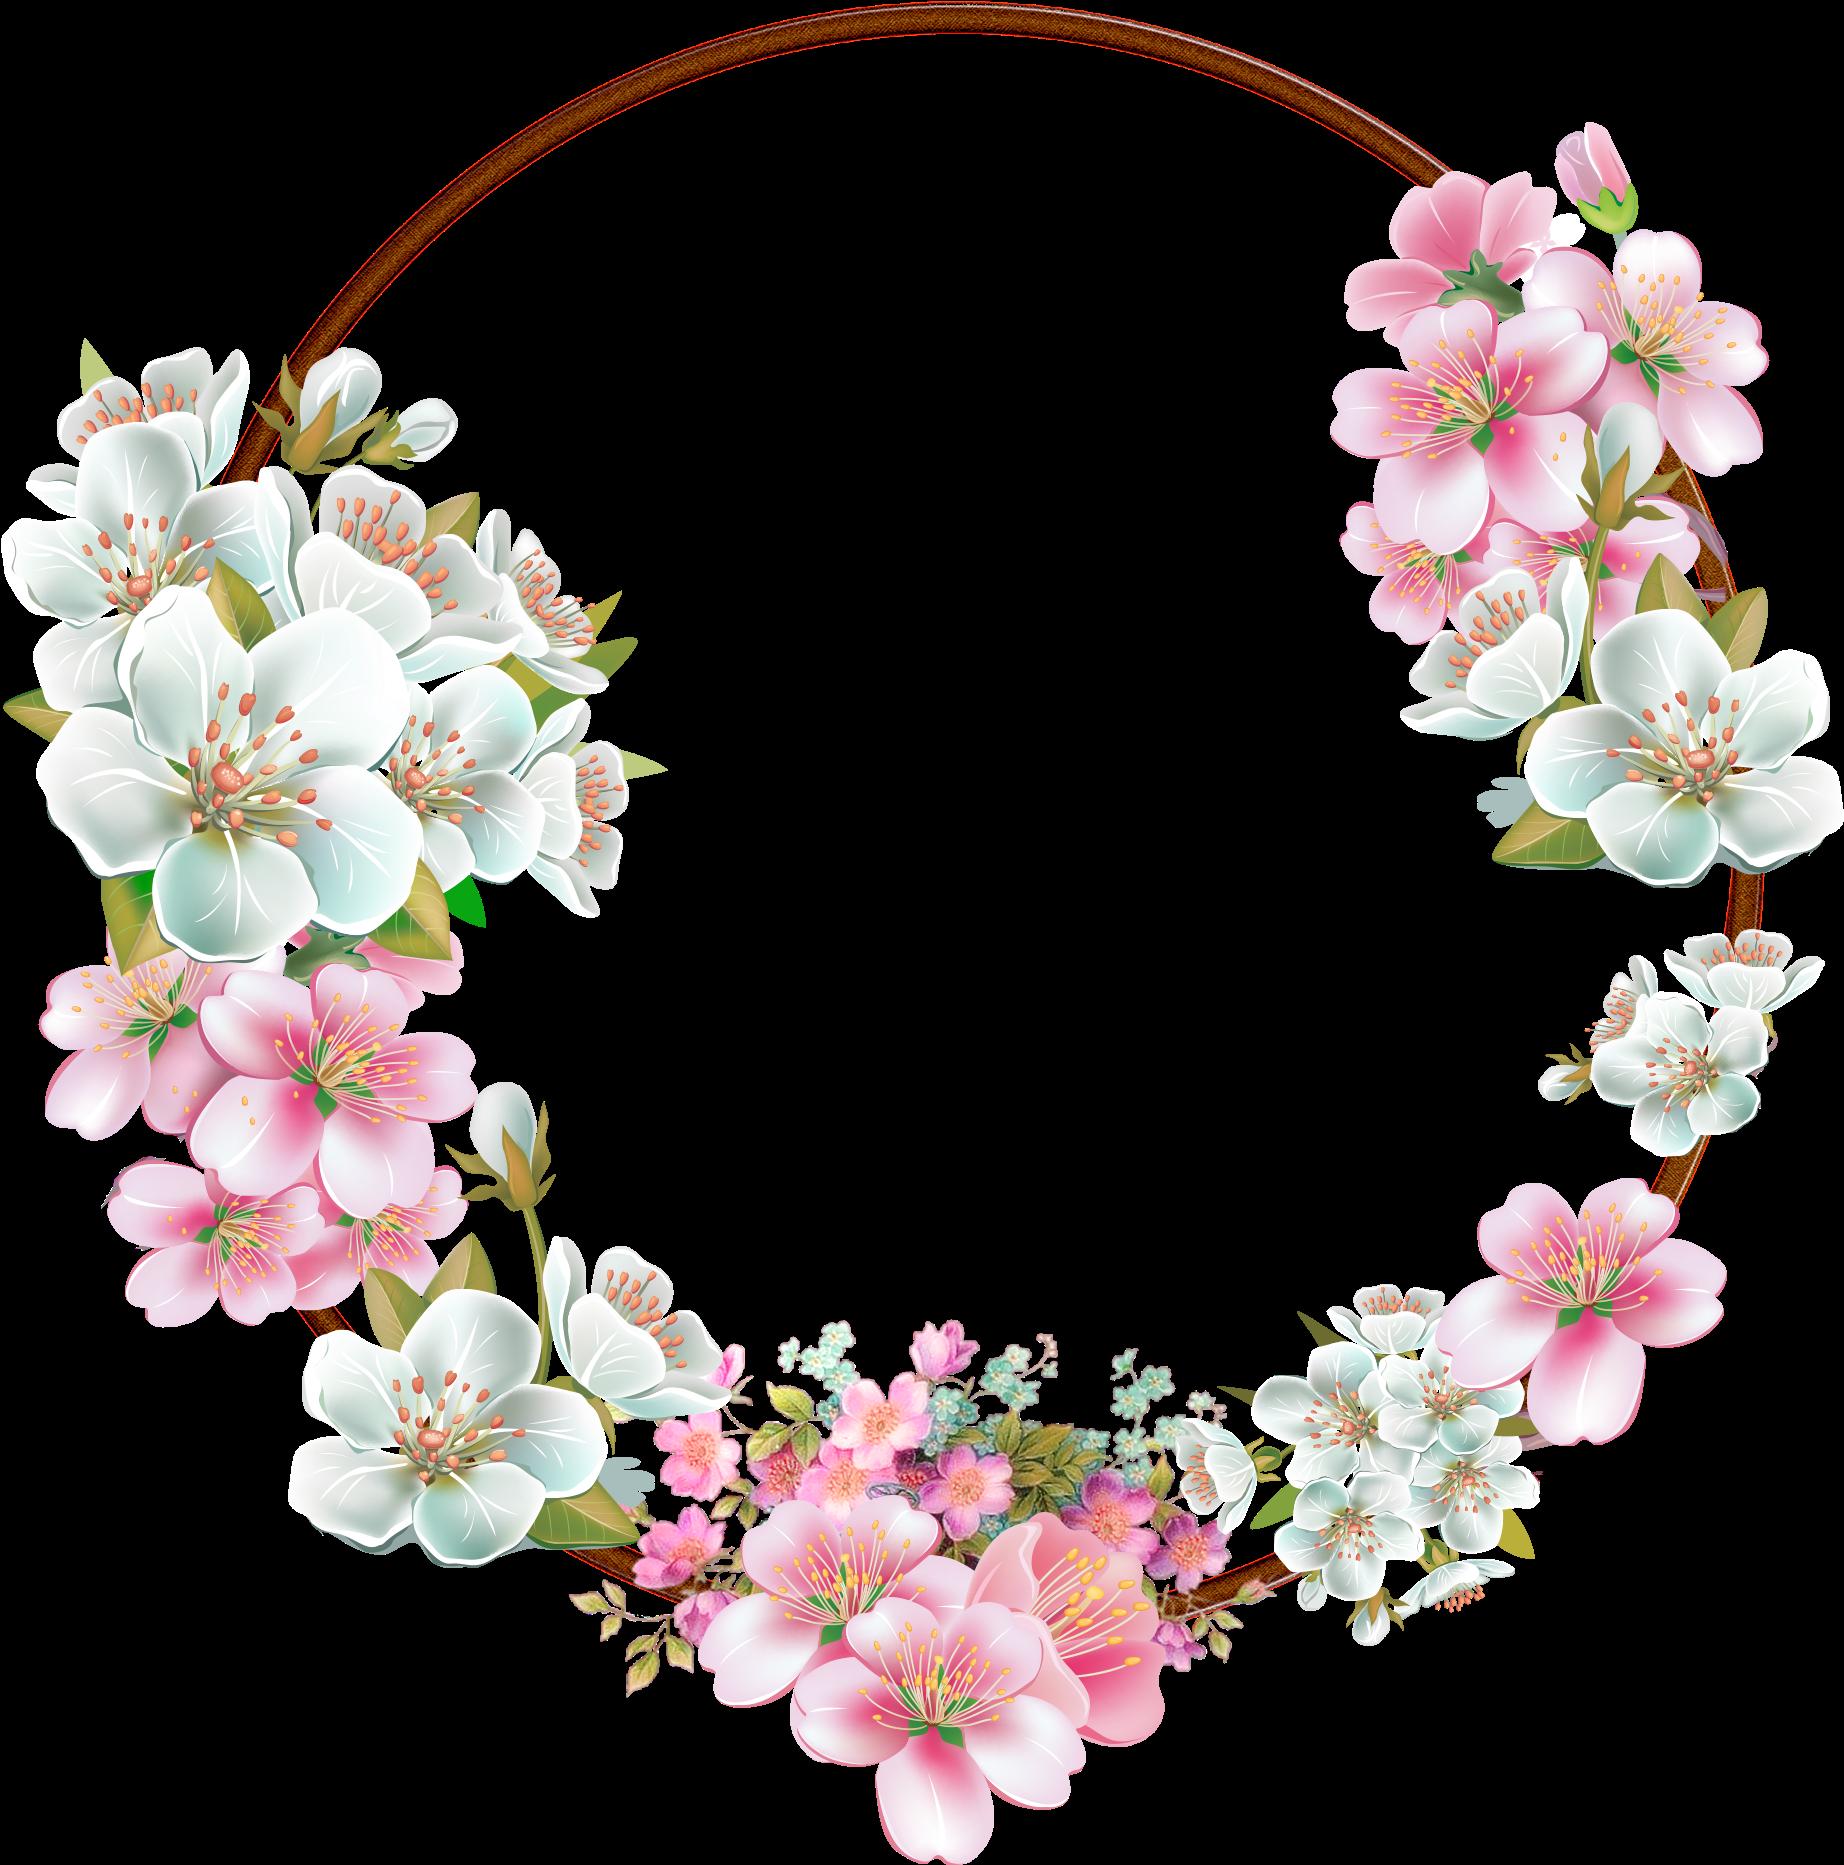 Flowers Png Tumblr Frame Floral Transparent Background 28428